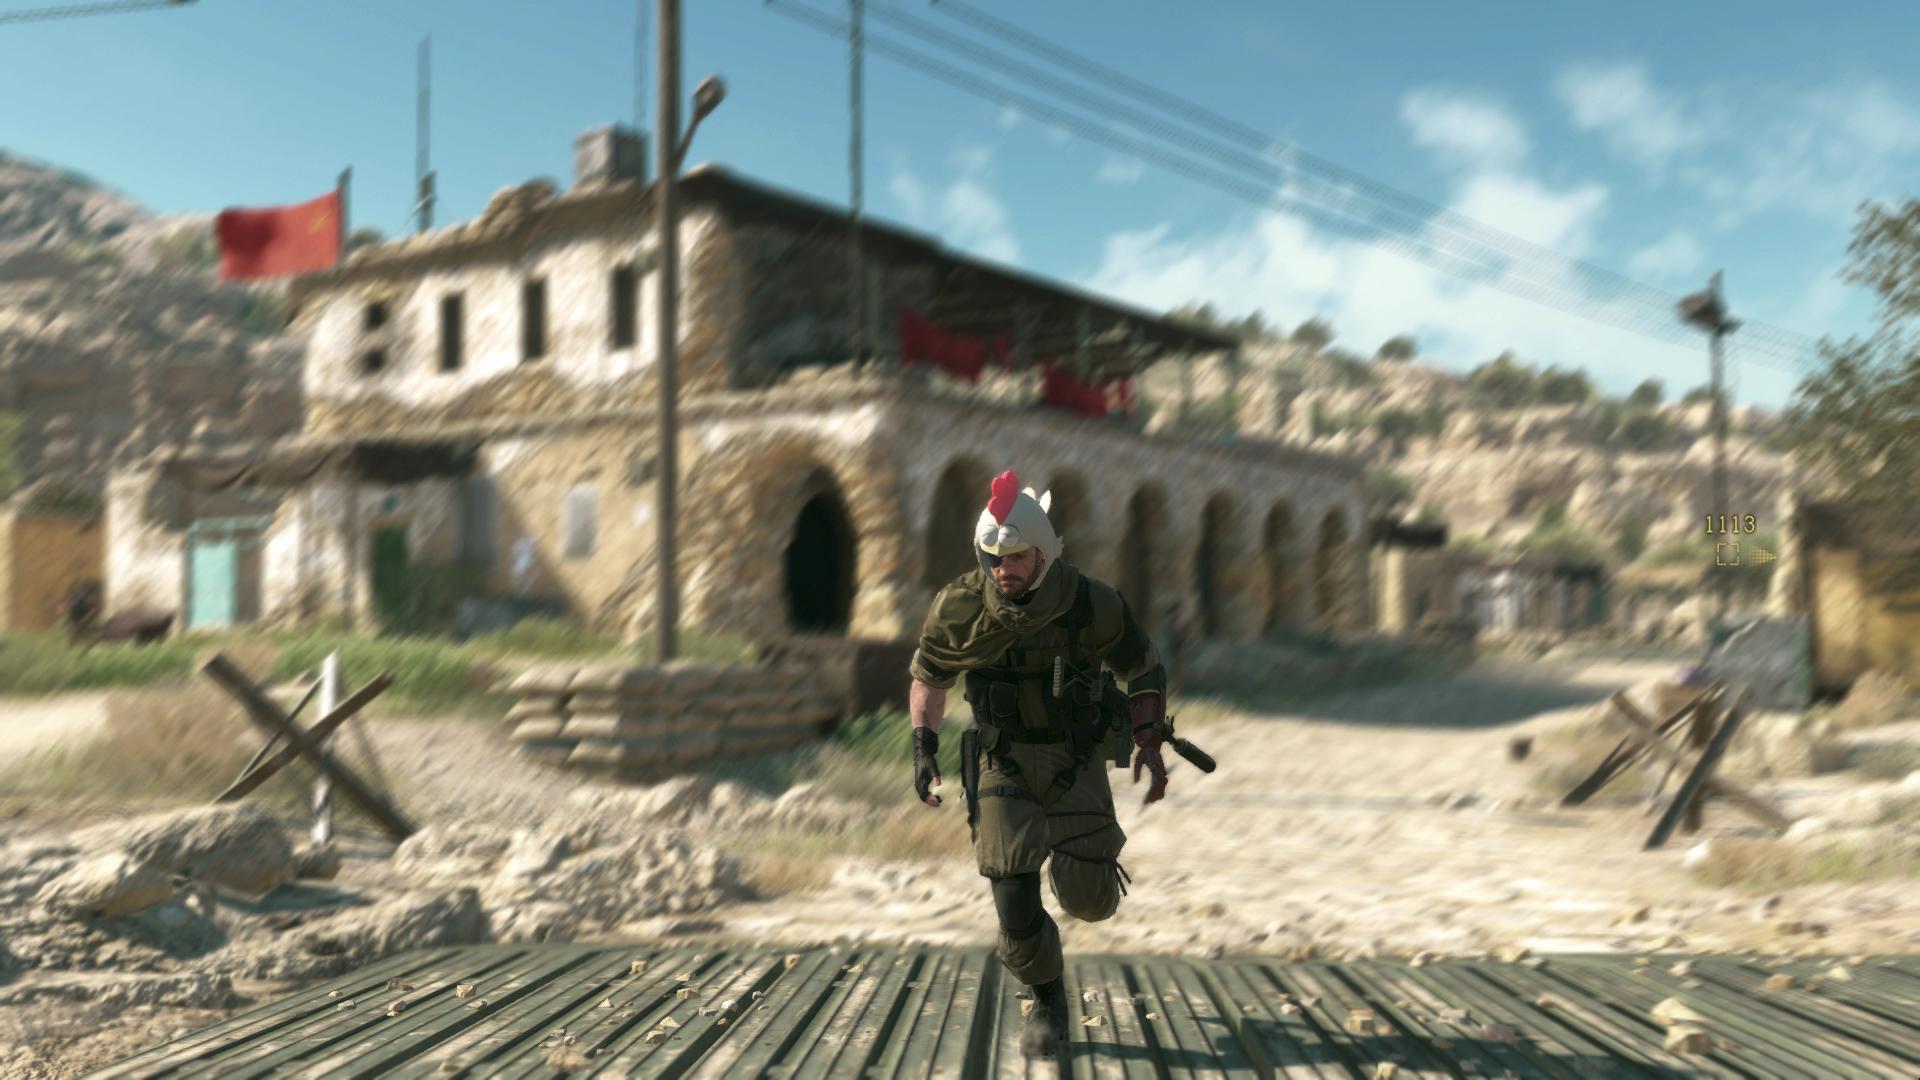 Скриншот Metal Gear Solid 5: The Phantom Pain скачать торрентом